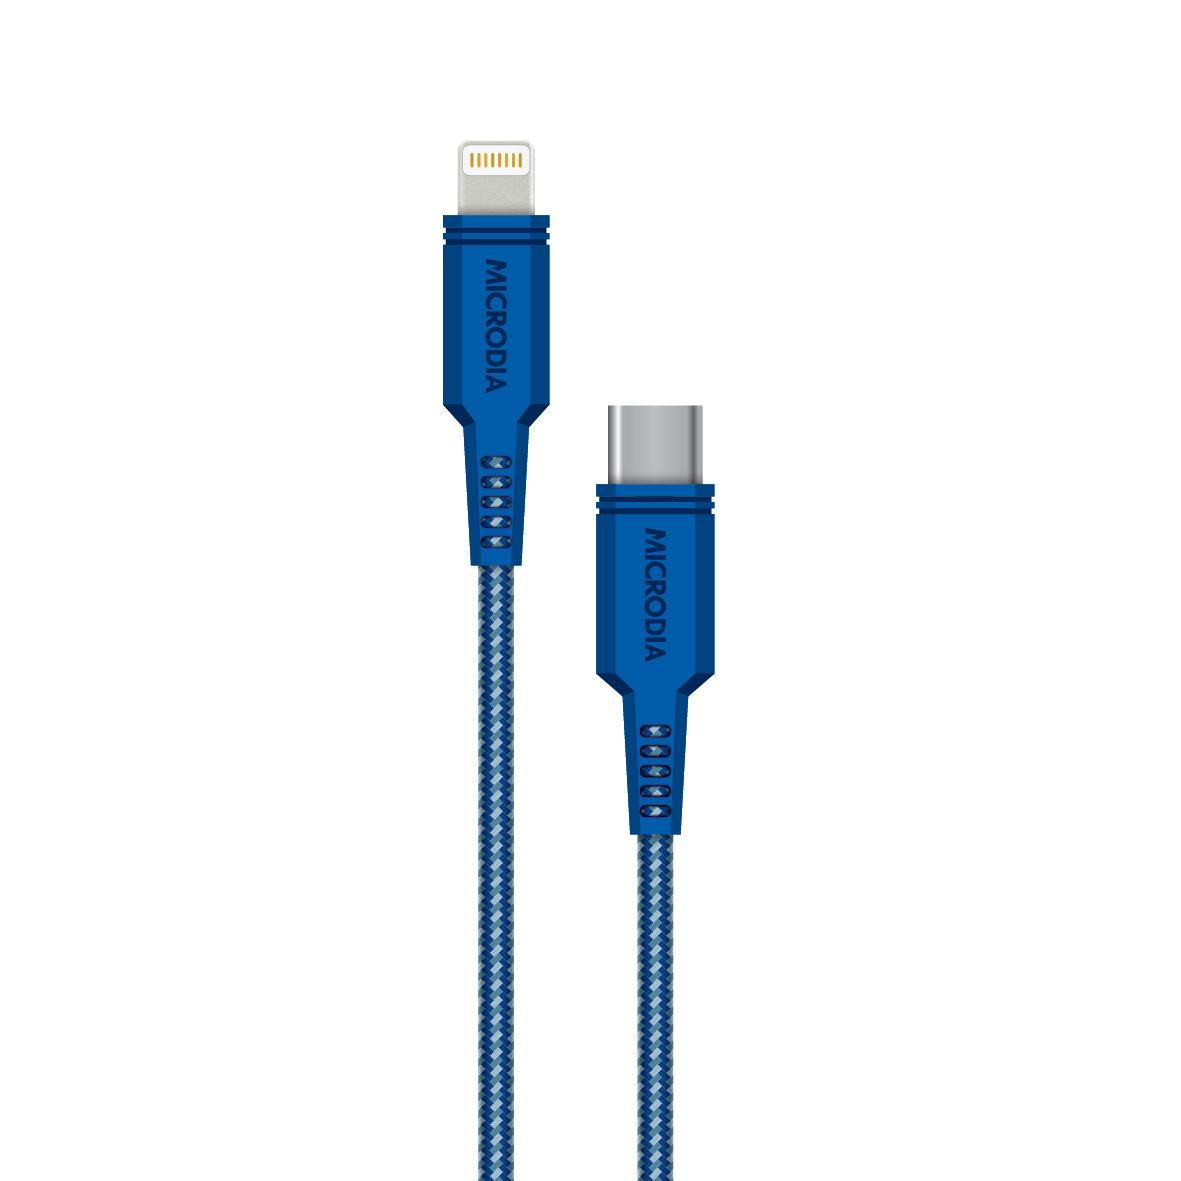 DurCable-Hi-Re_TOUGH-C-Blue